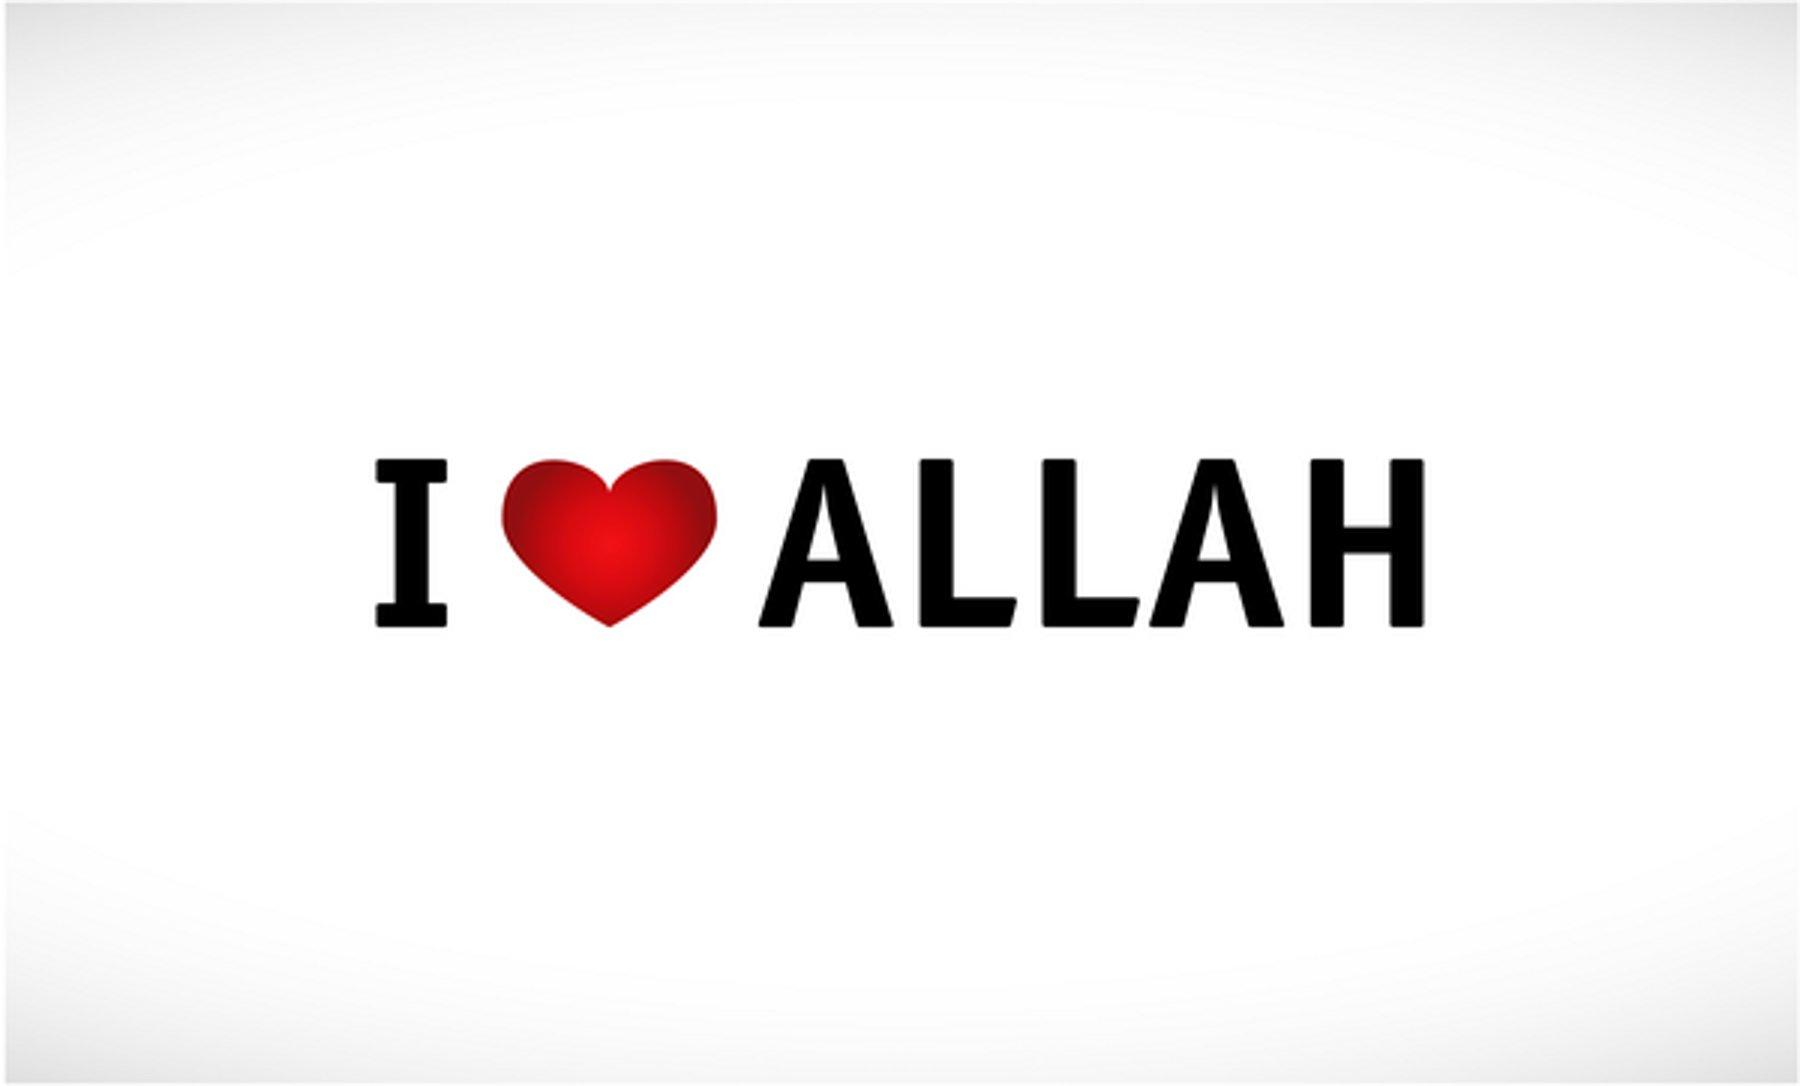 We Love Allah Wallpaper : ??? ????? ????? ??? ??????? hd - ??? ????? ????? ??? ????